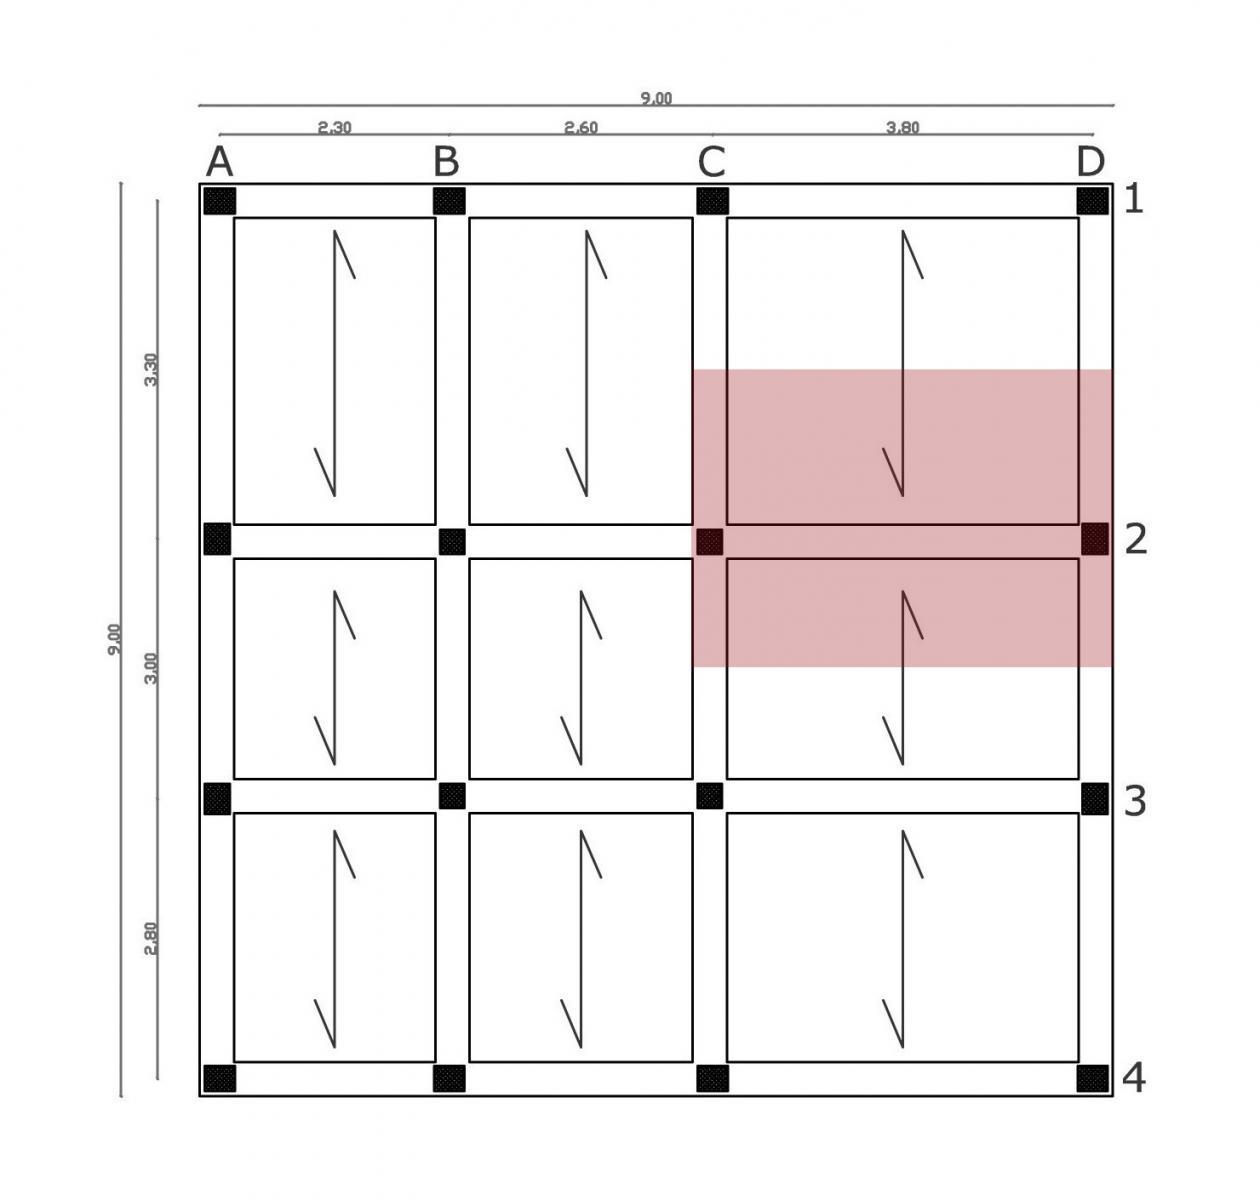 Francesca petri portale di meccanica for Planimetrie di pontili e travi